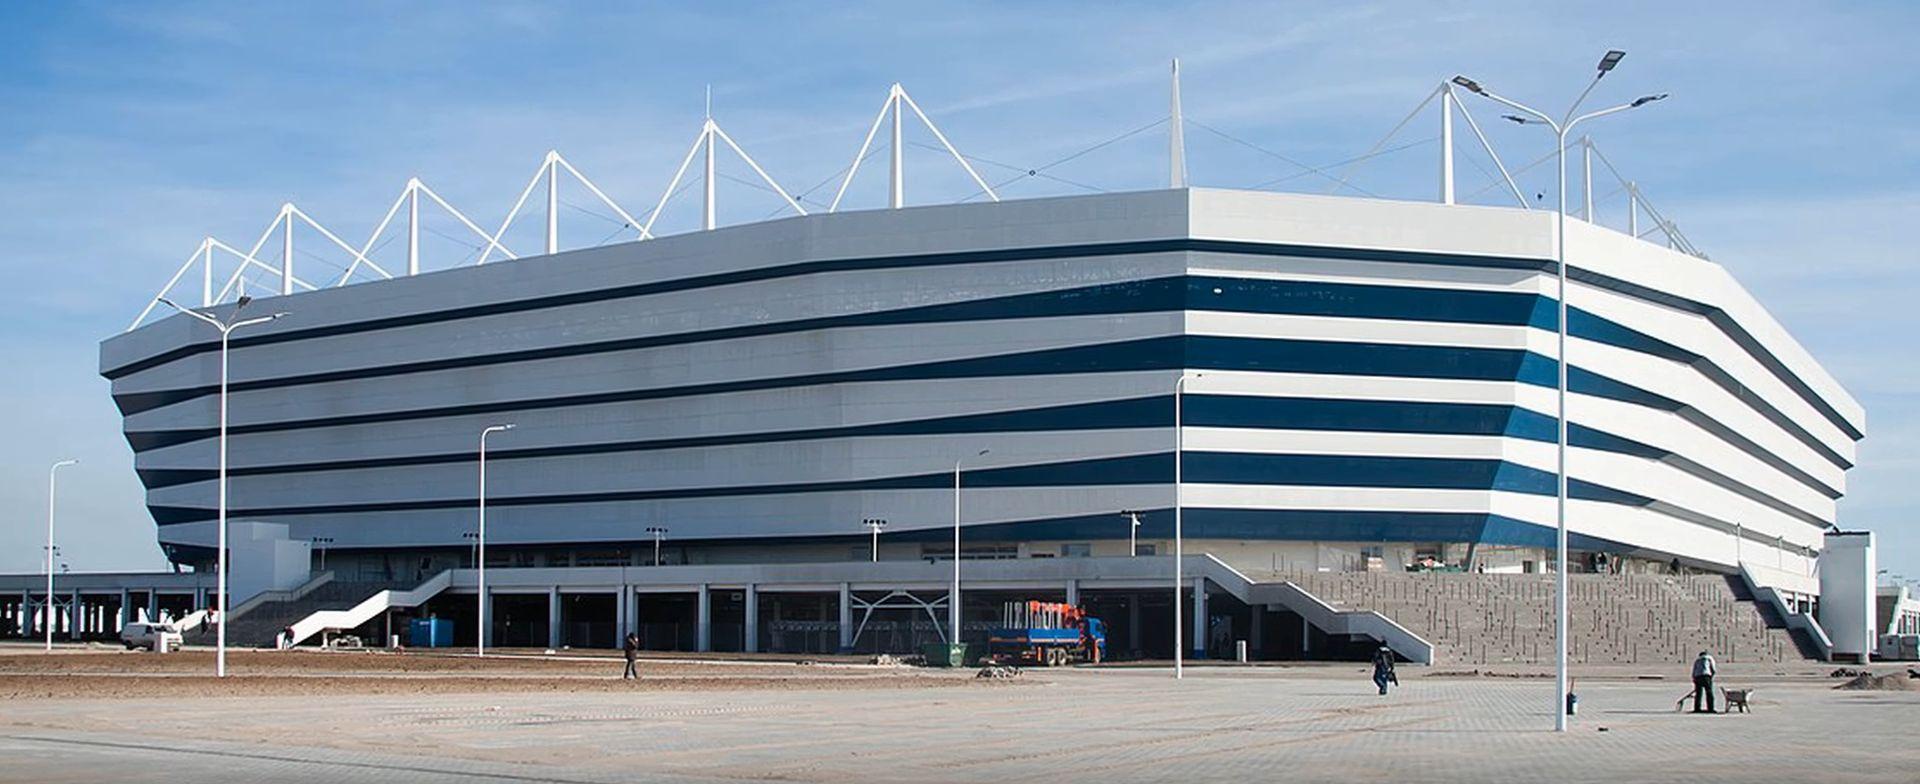 Impresivni stadion u Kalinjingradu izgrađen na močvari